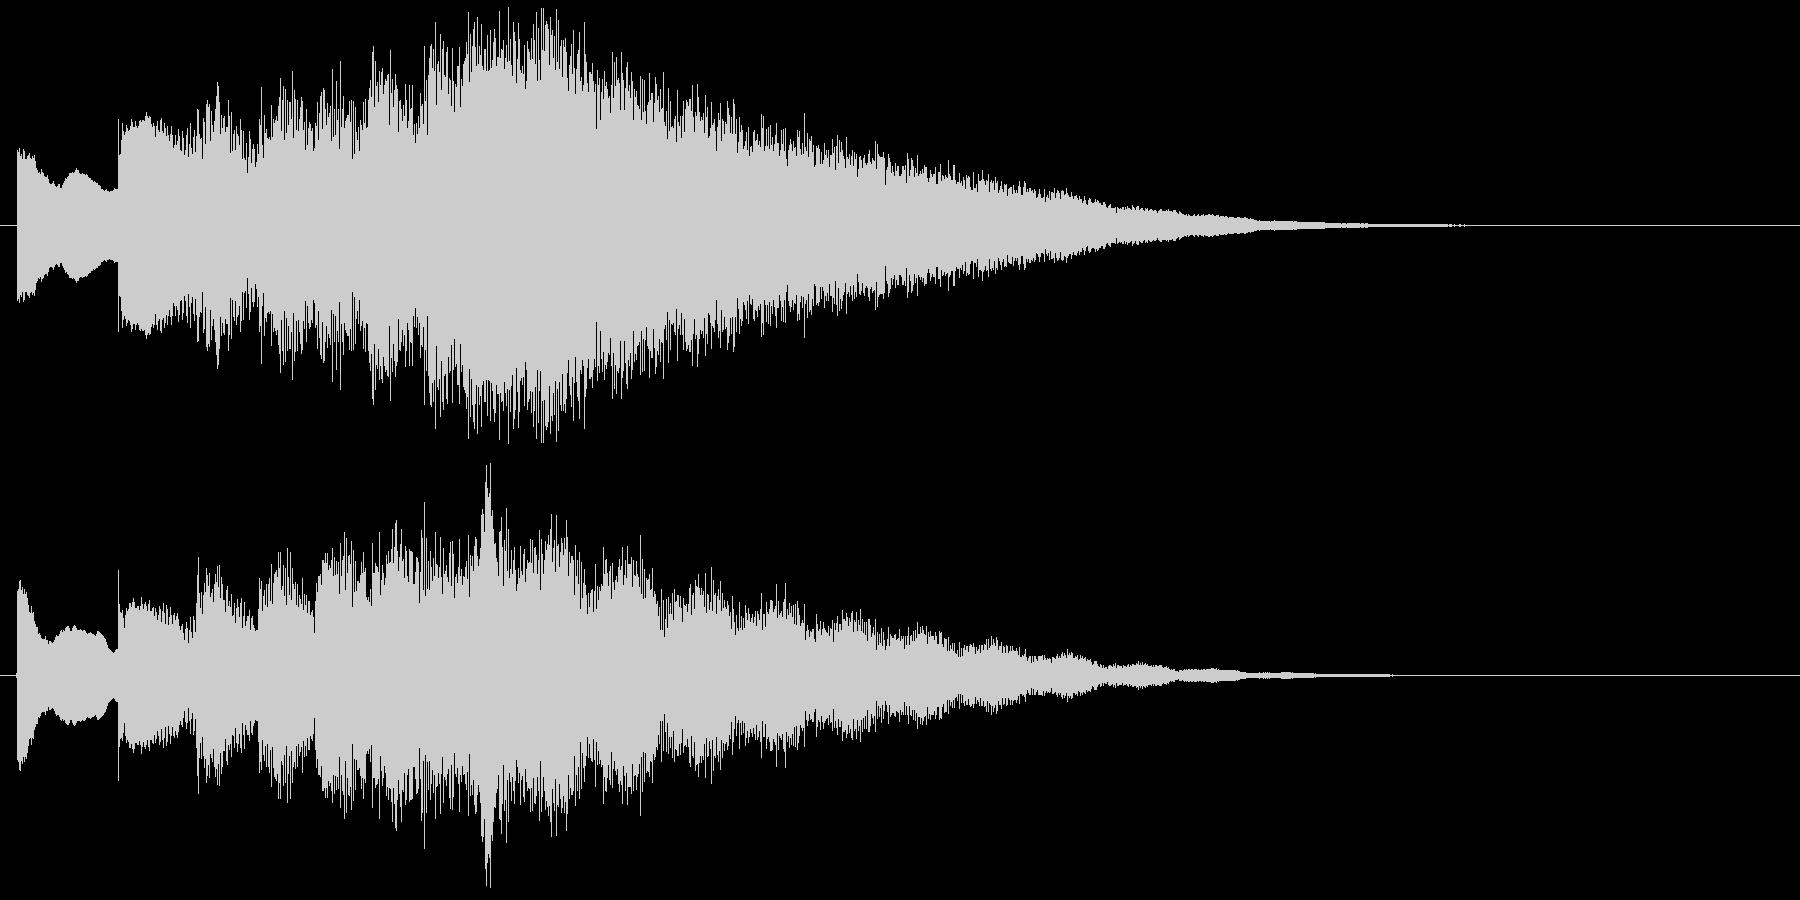 科学の実験などで物体が変化する効果音の未再生の波形